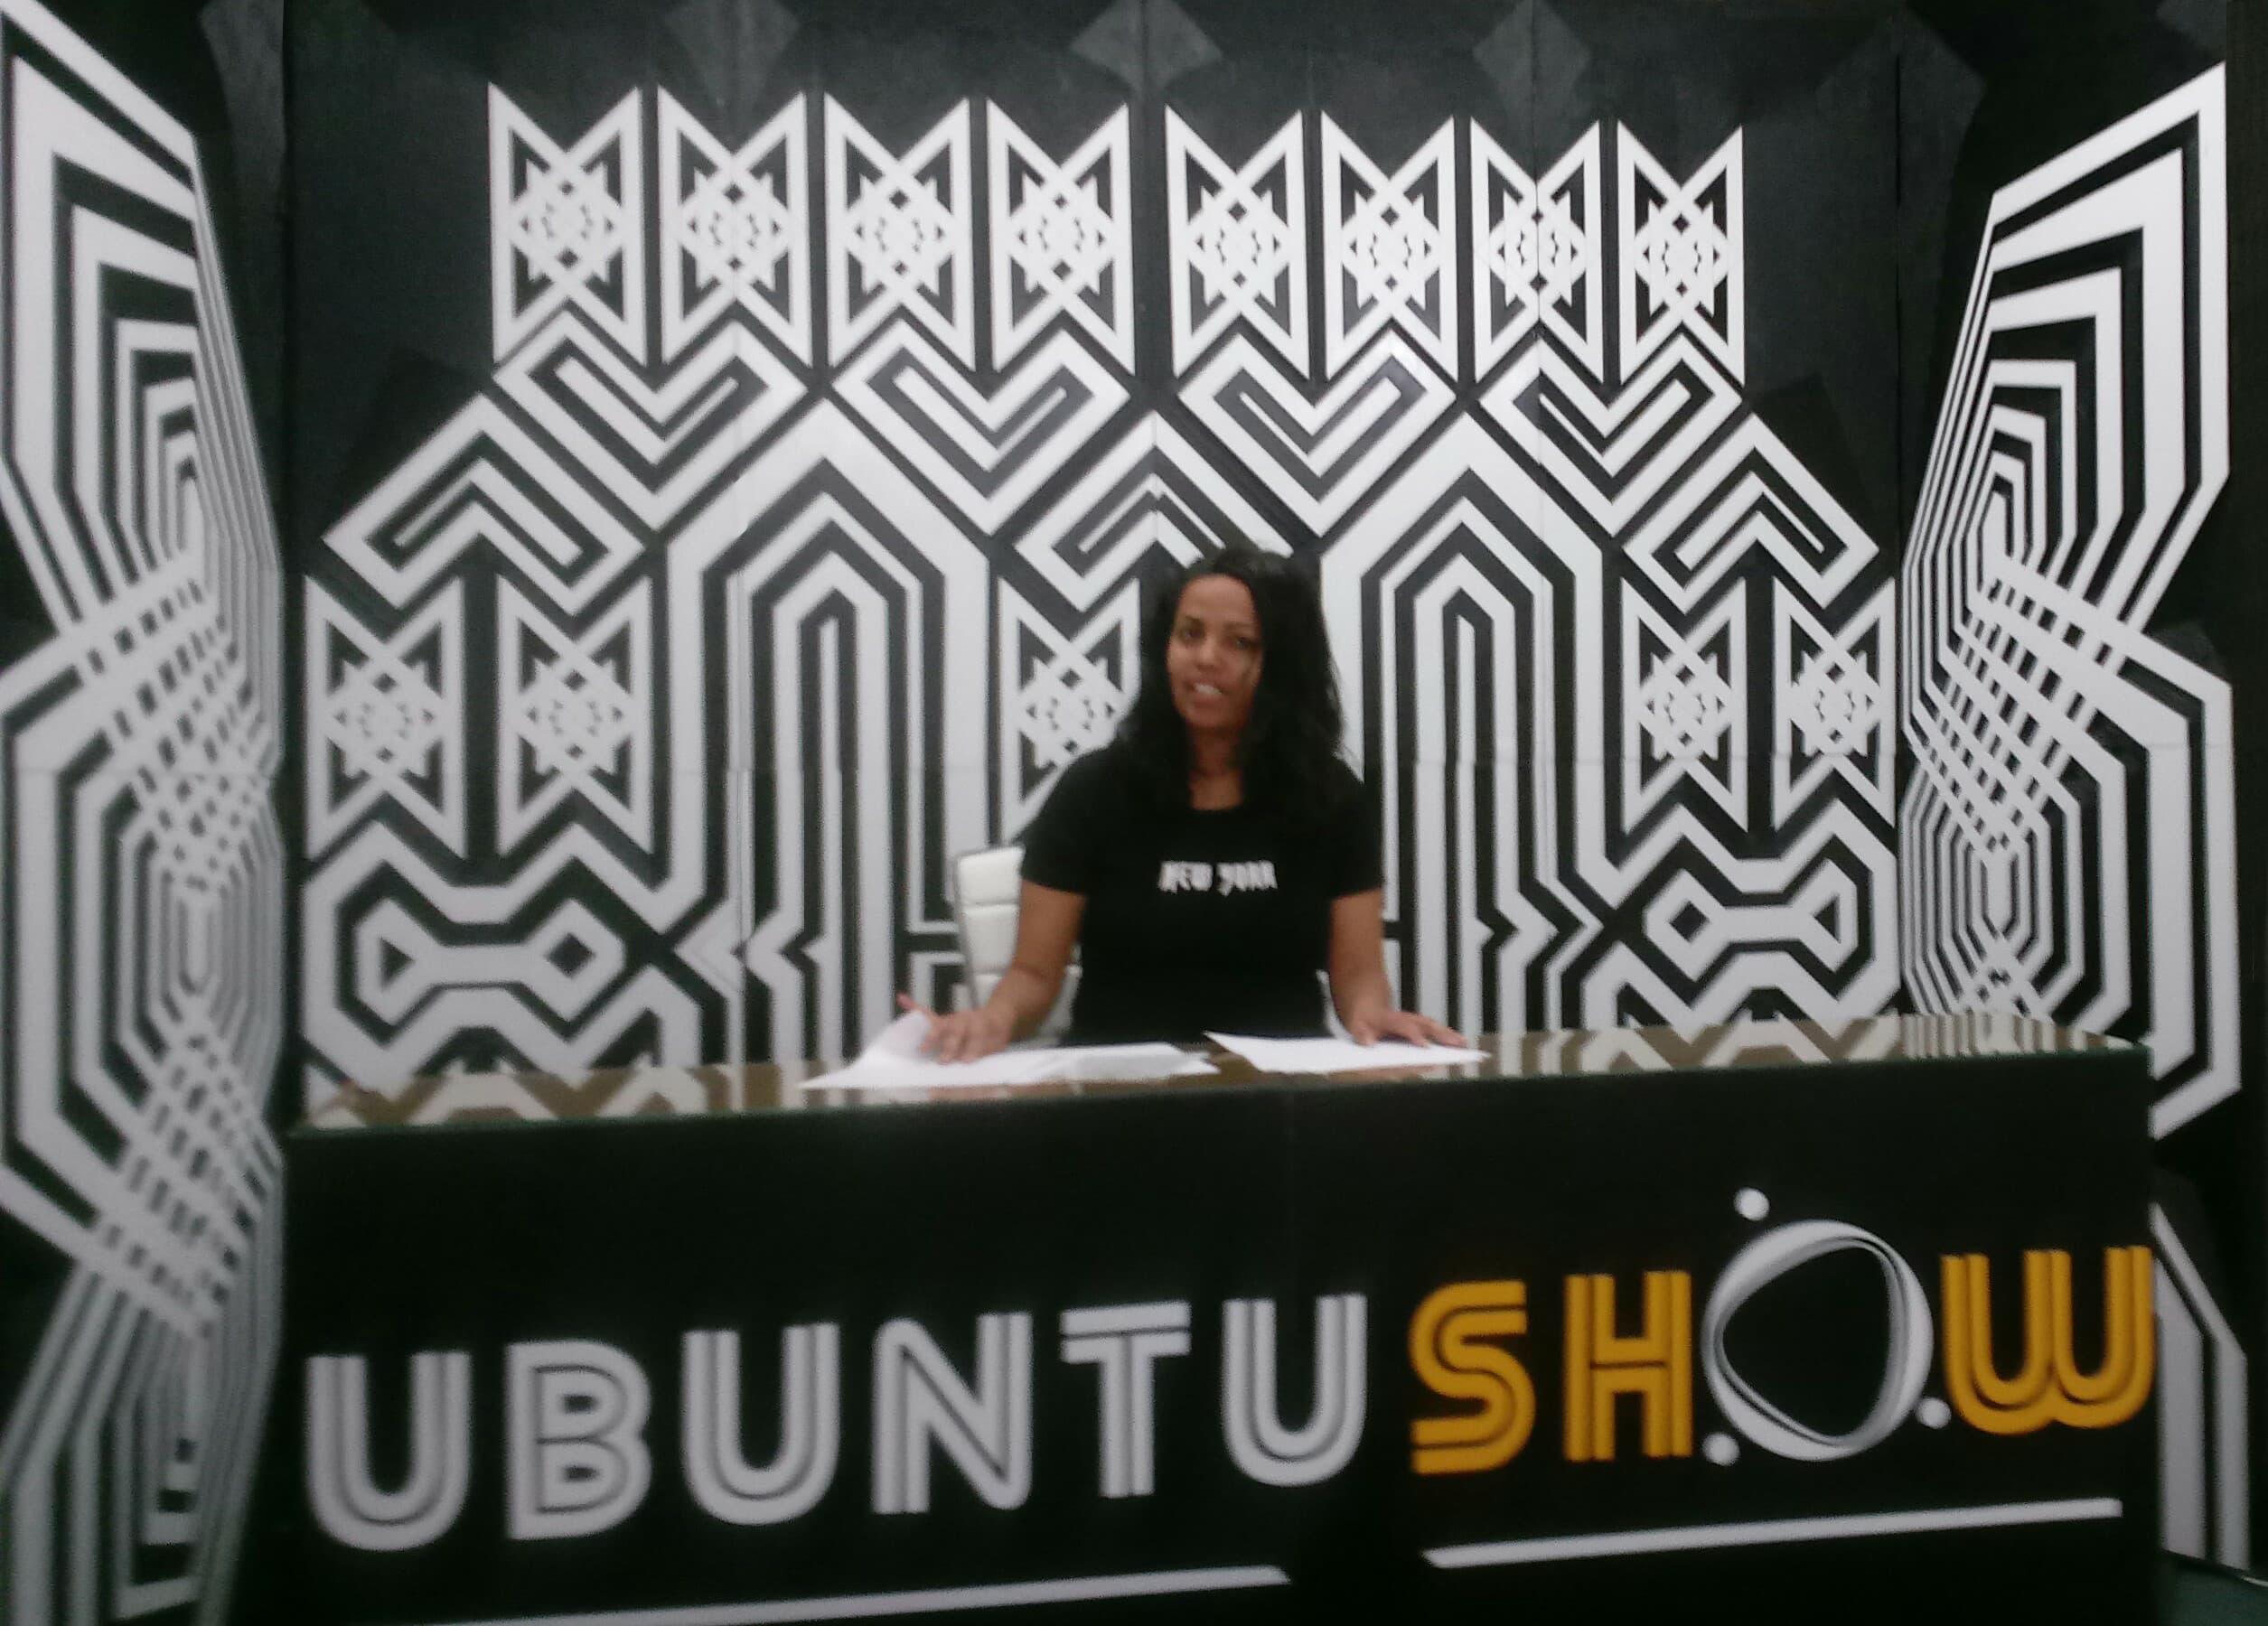 UBUNTU SHOW